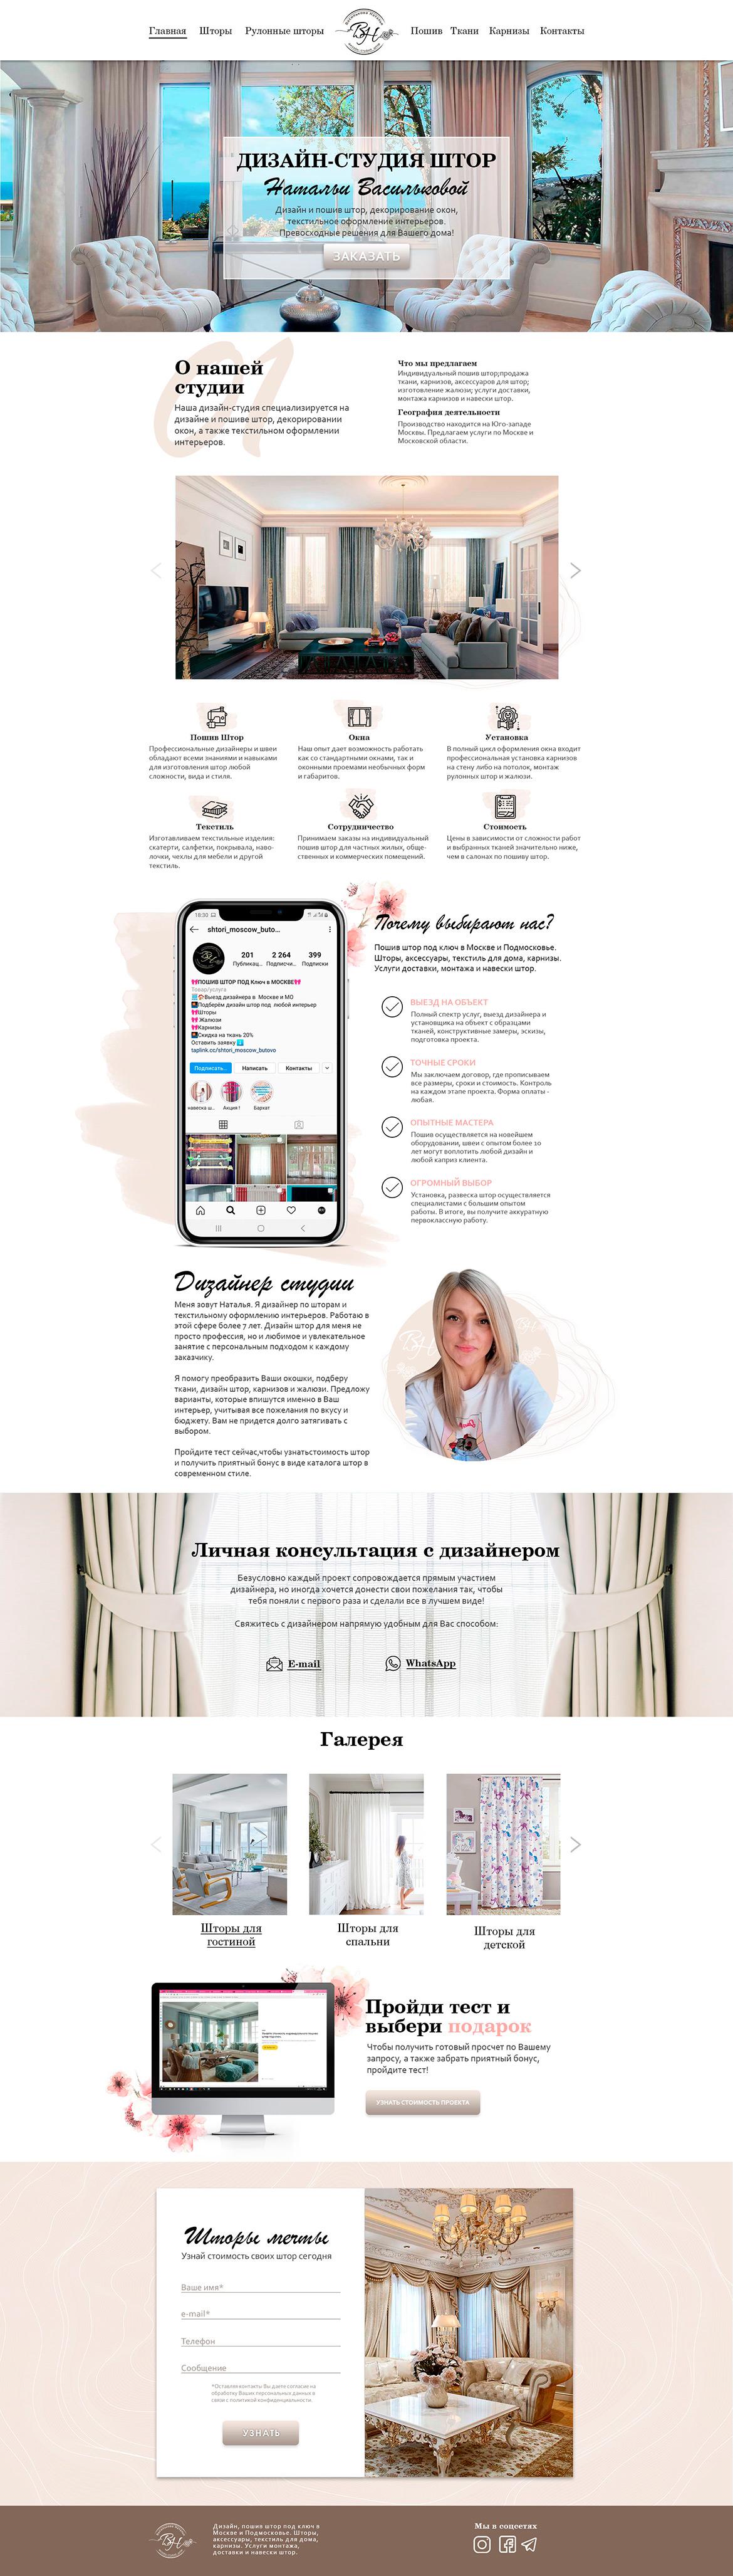 разработка сайта для студии дизайна и пошива штор